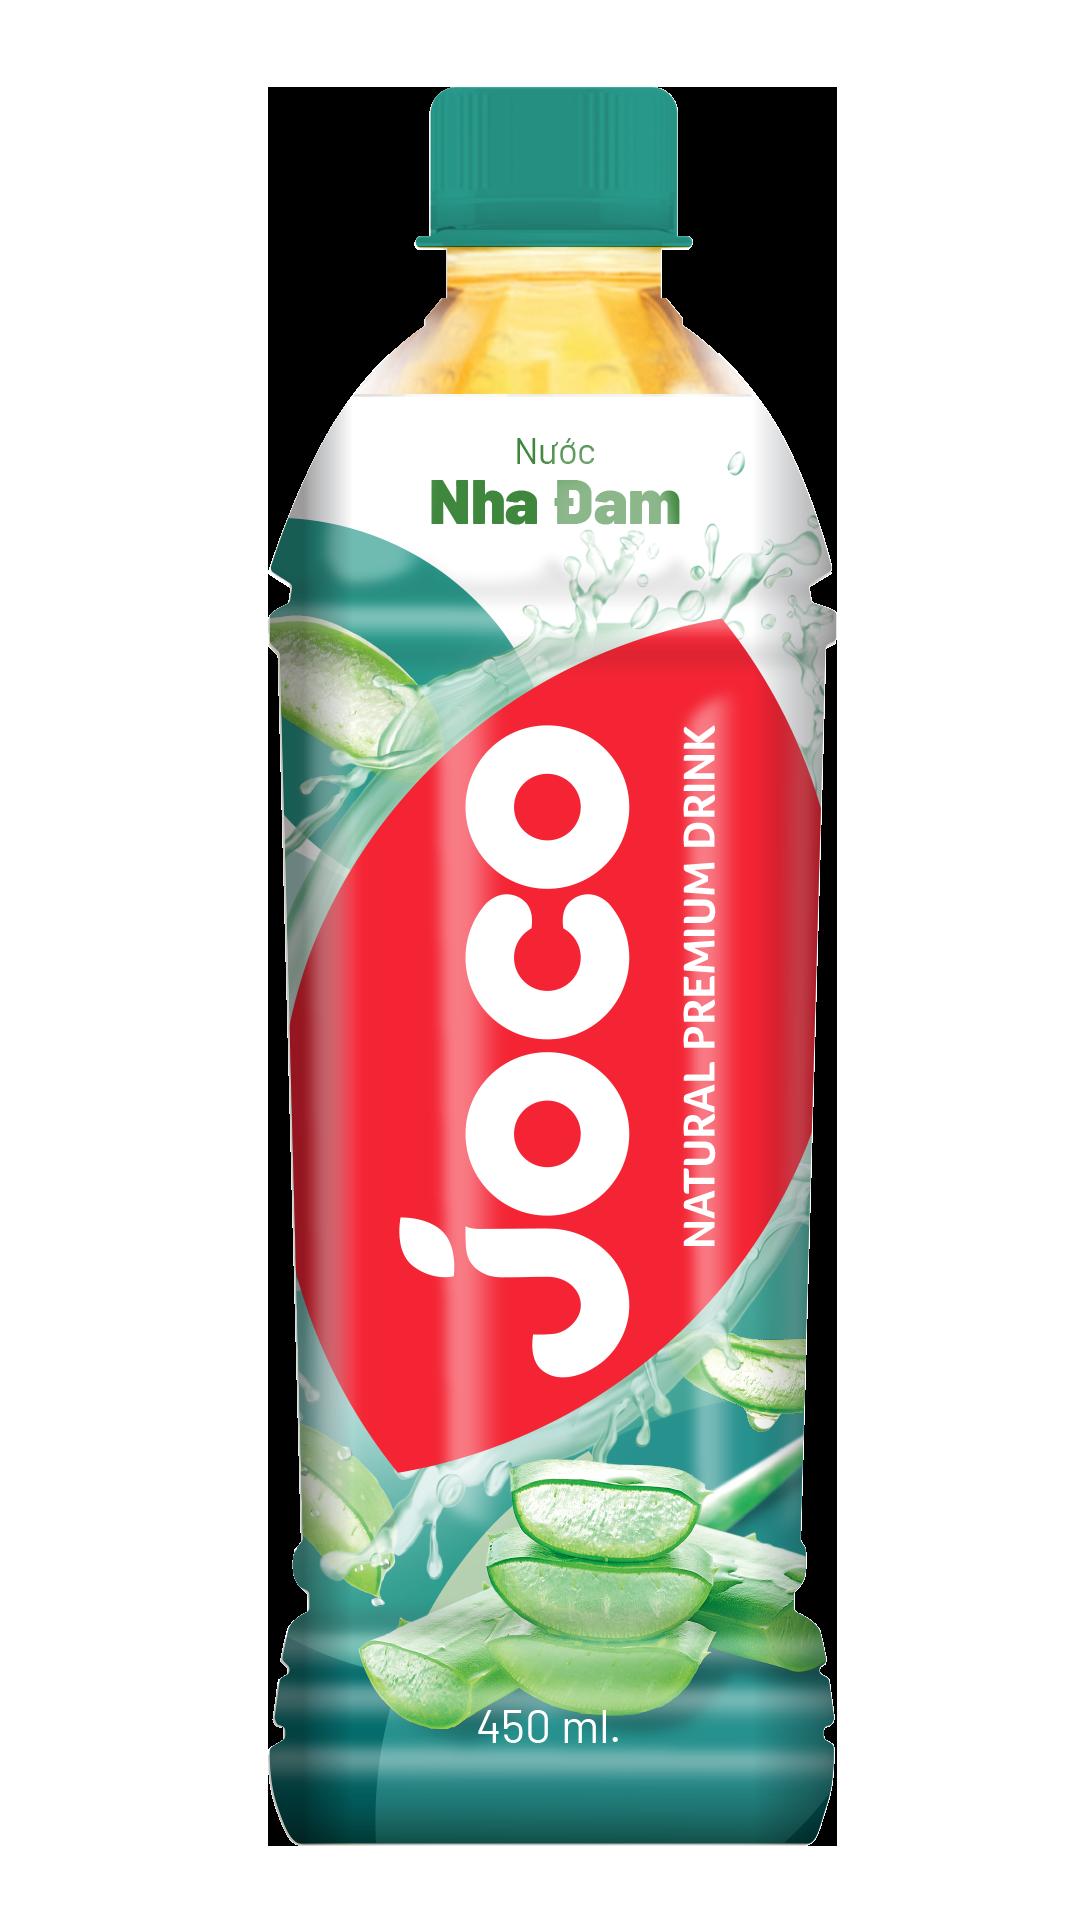 Nước nha đam Joco 450ml